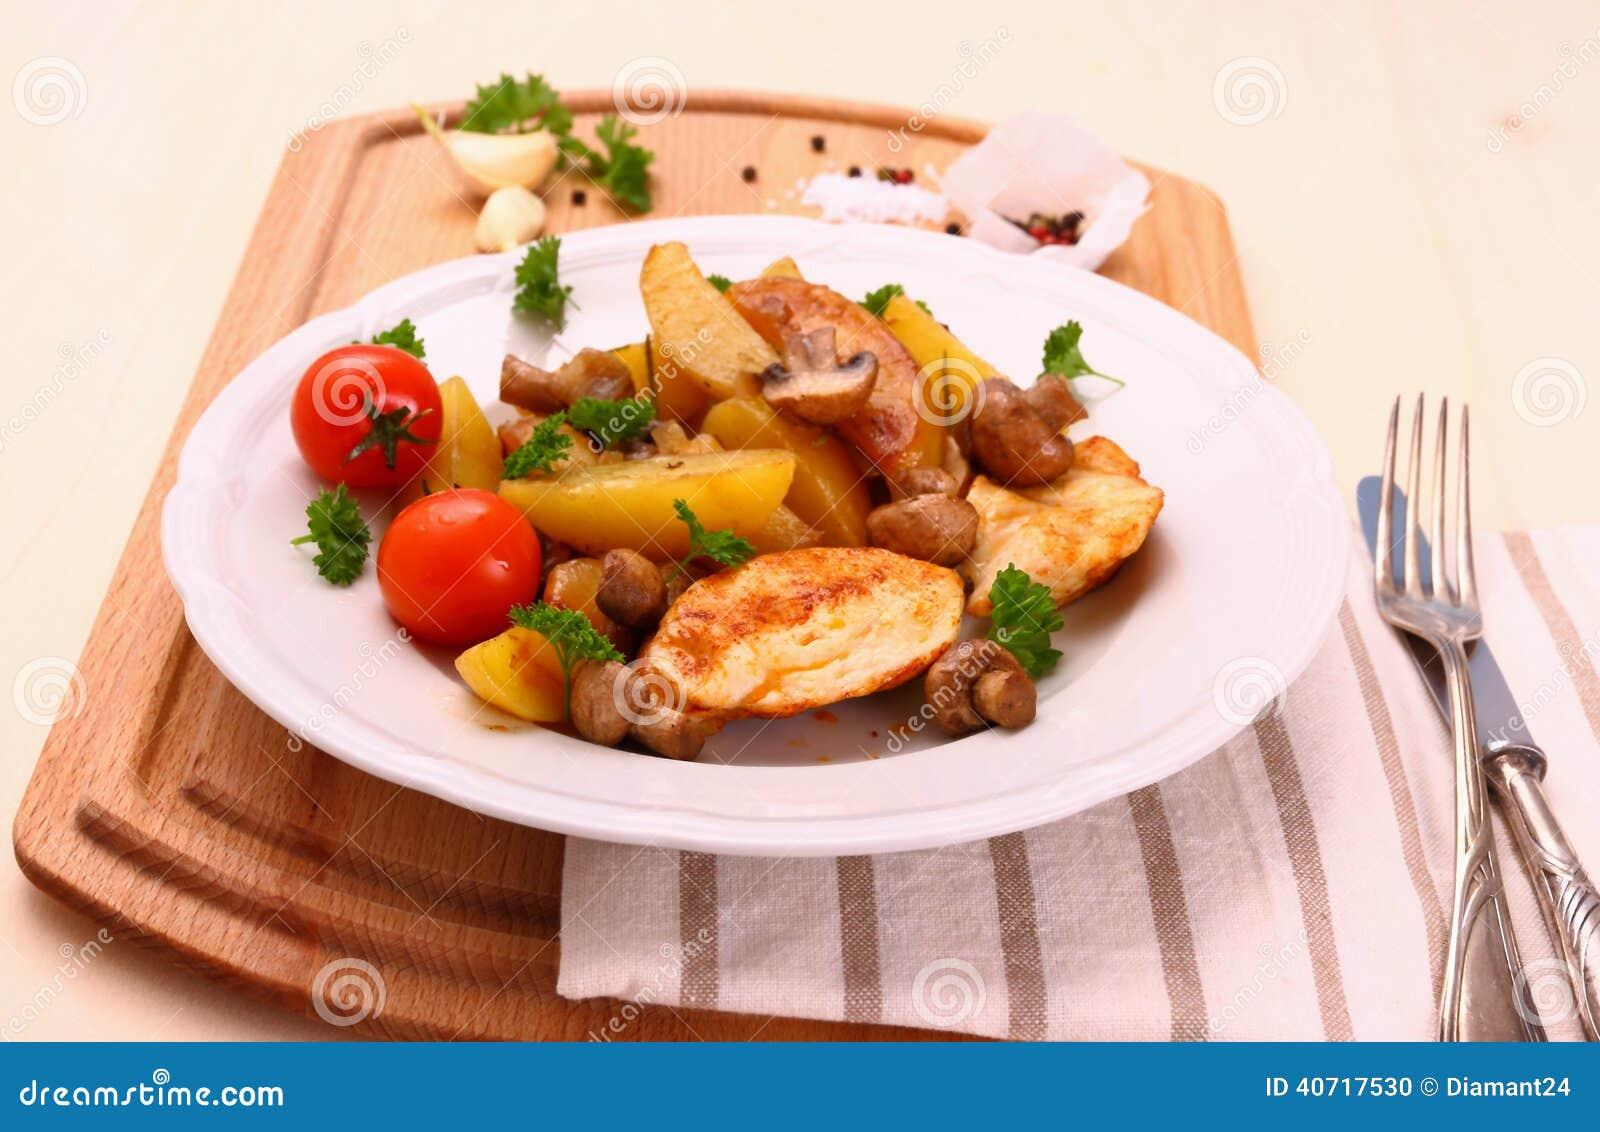 鸡内圆角,蘑菇,迷迭香土豆